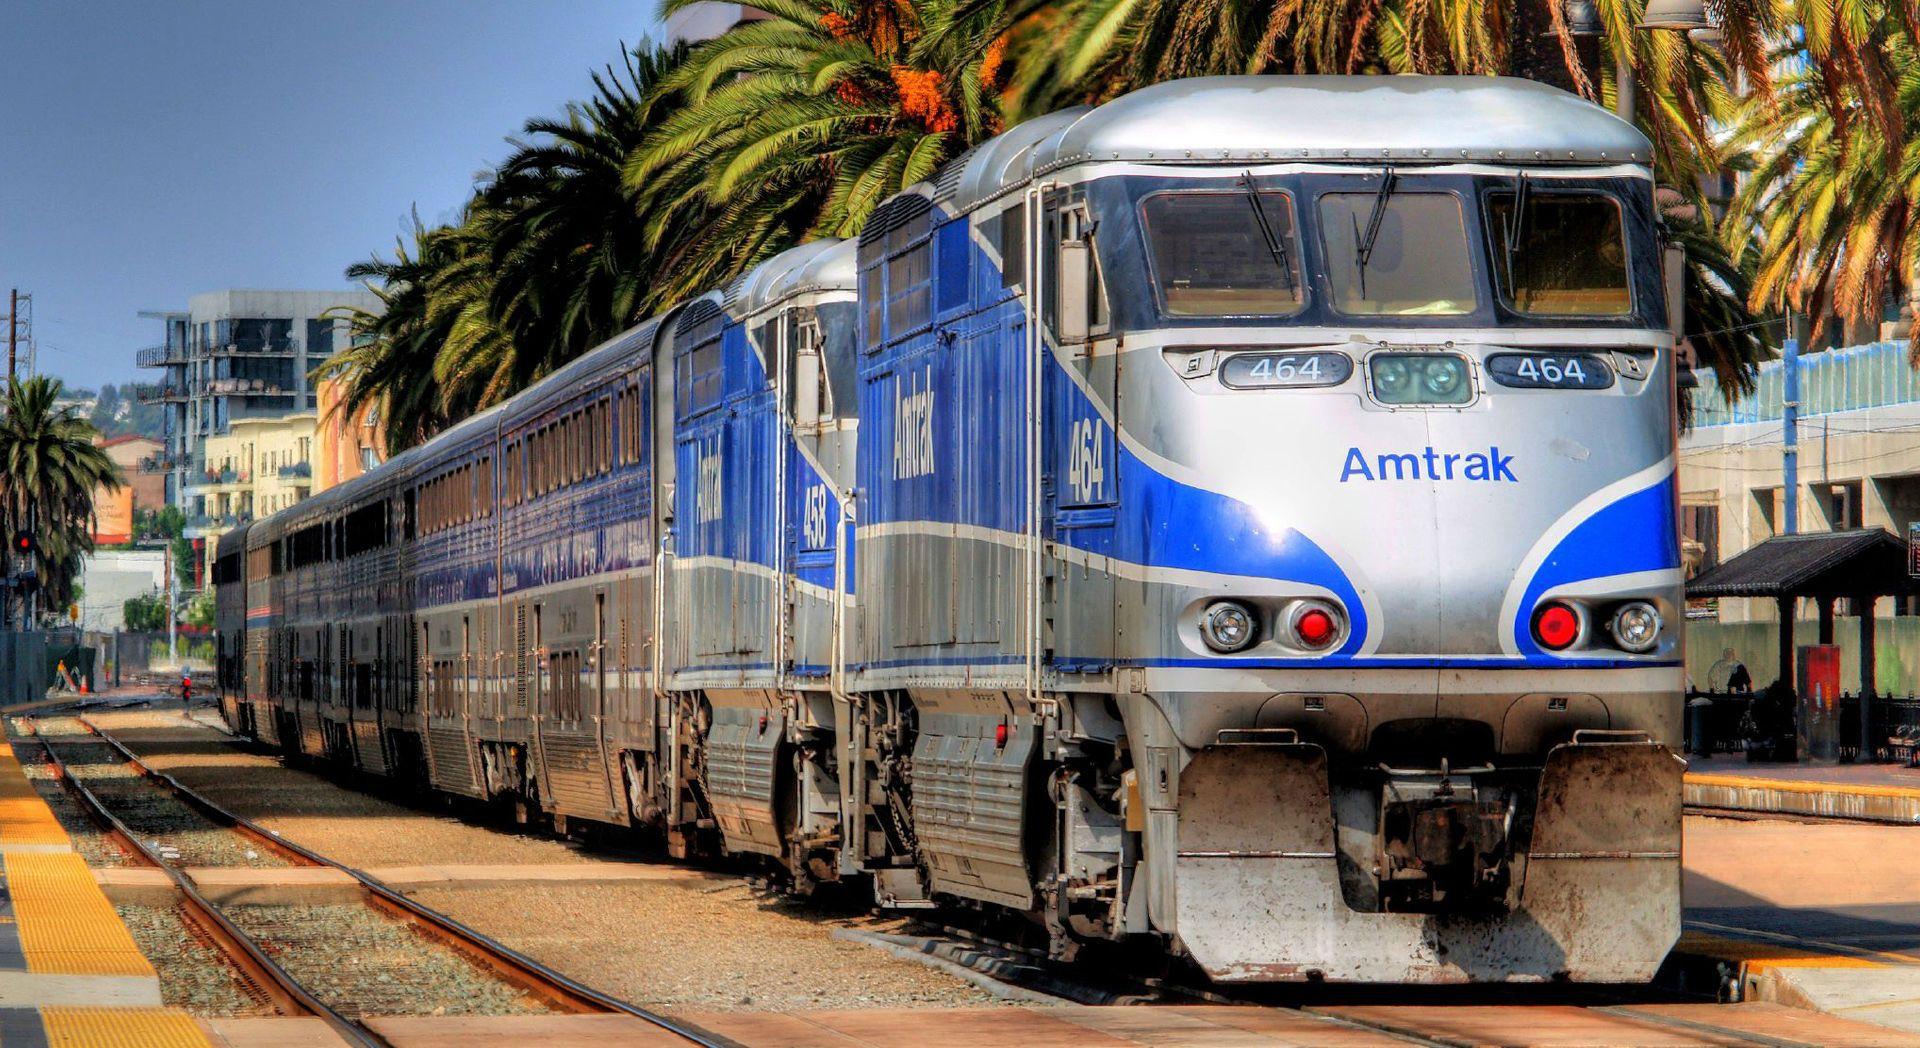 Amtrak Train Wallpaper